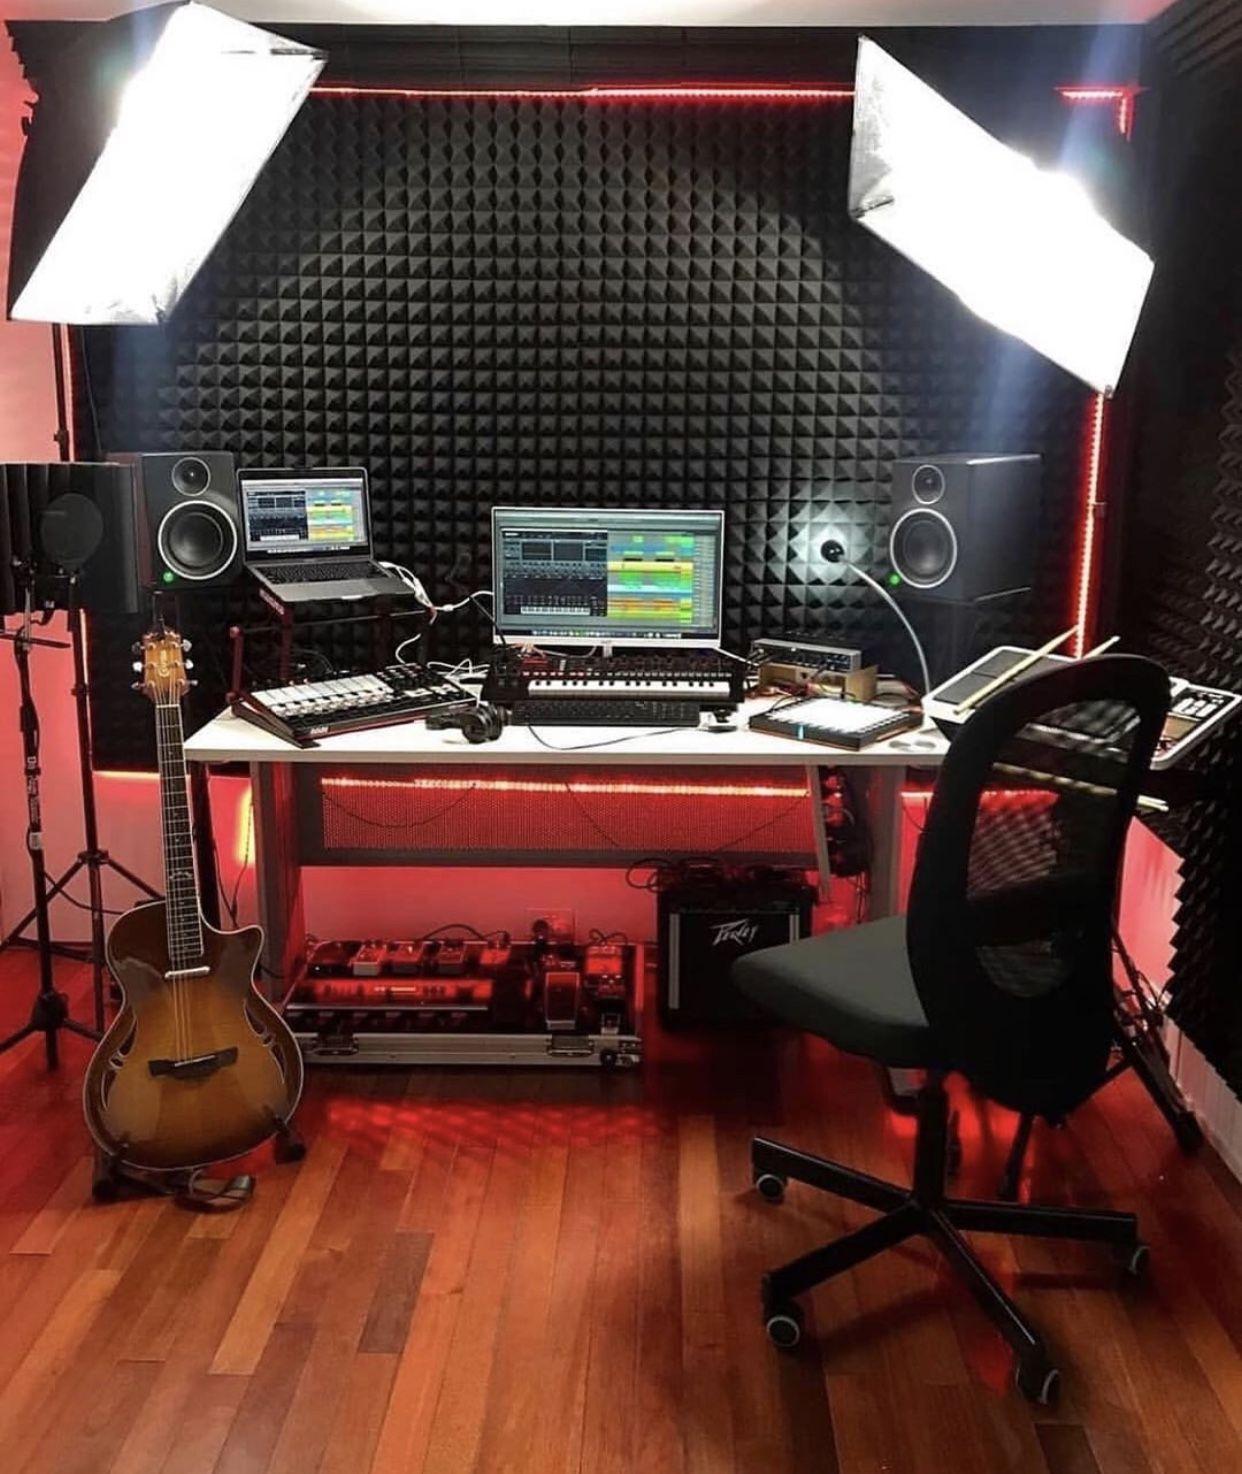 Bedroom Studio Music Studio Room Home Studio Setup Home Music Rooms Bedroom home recording studio